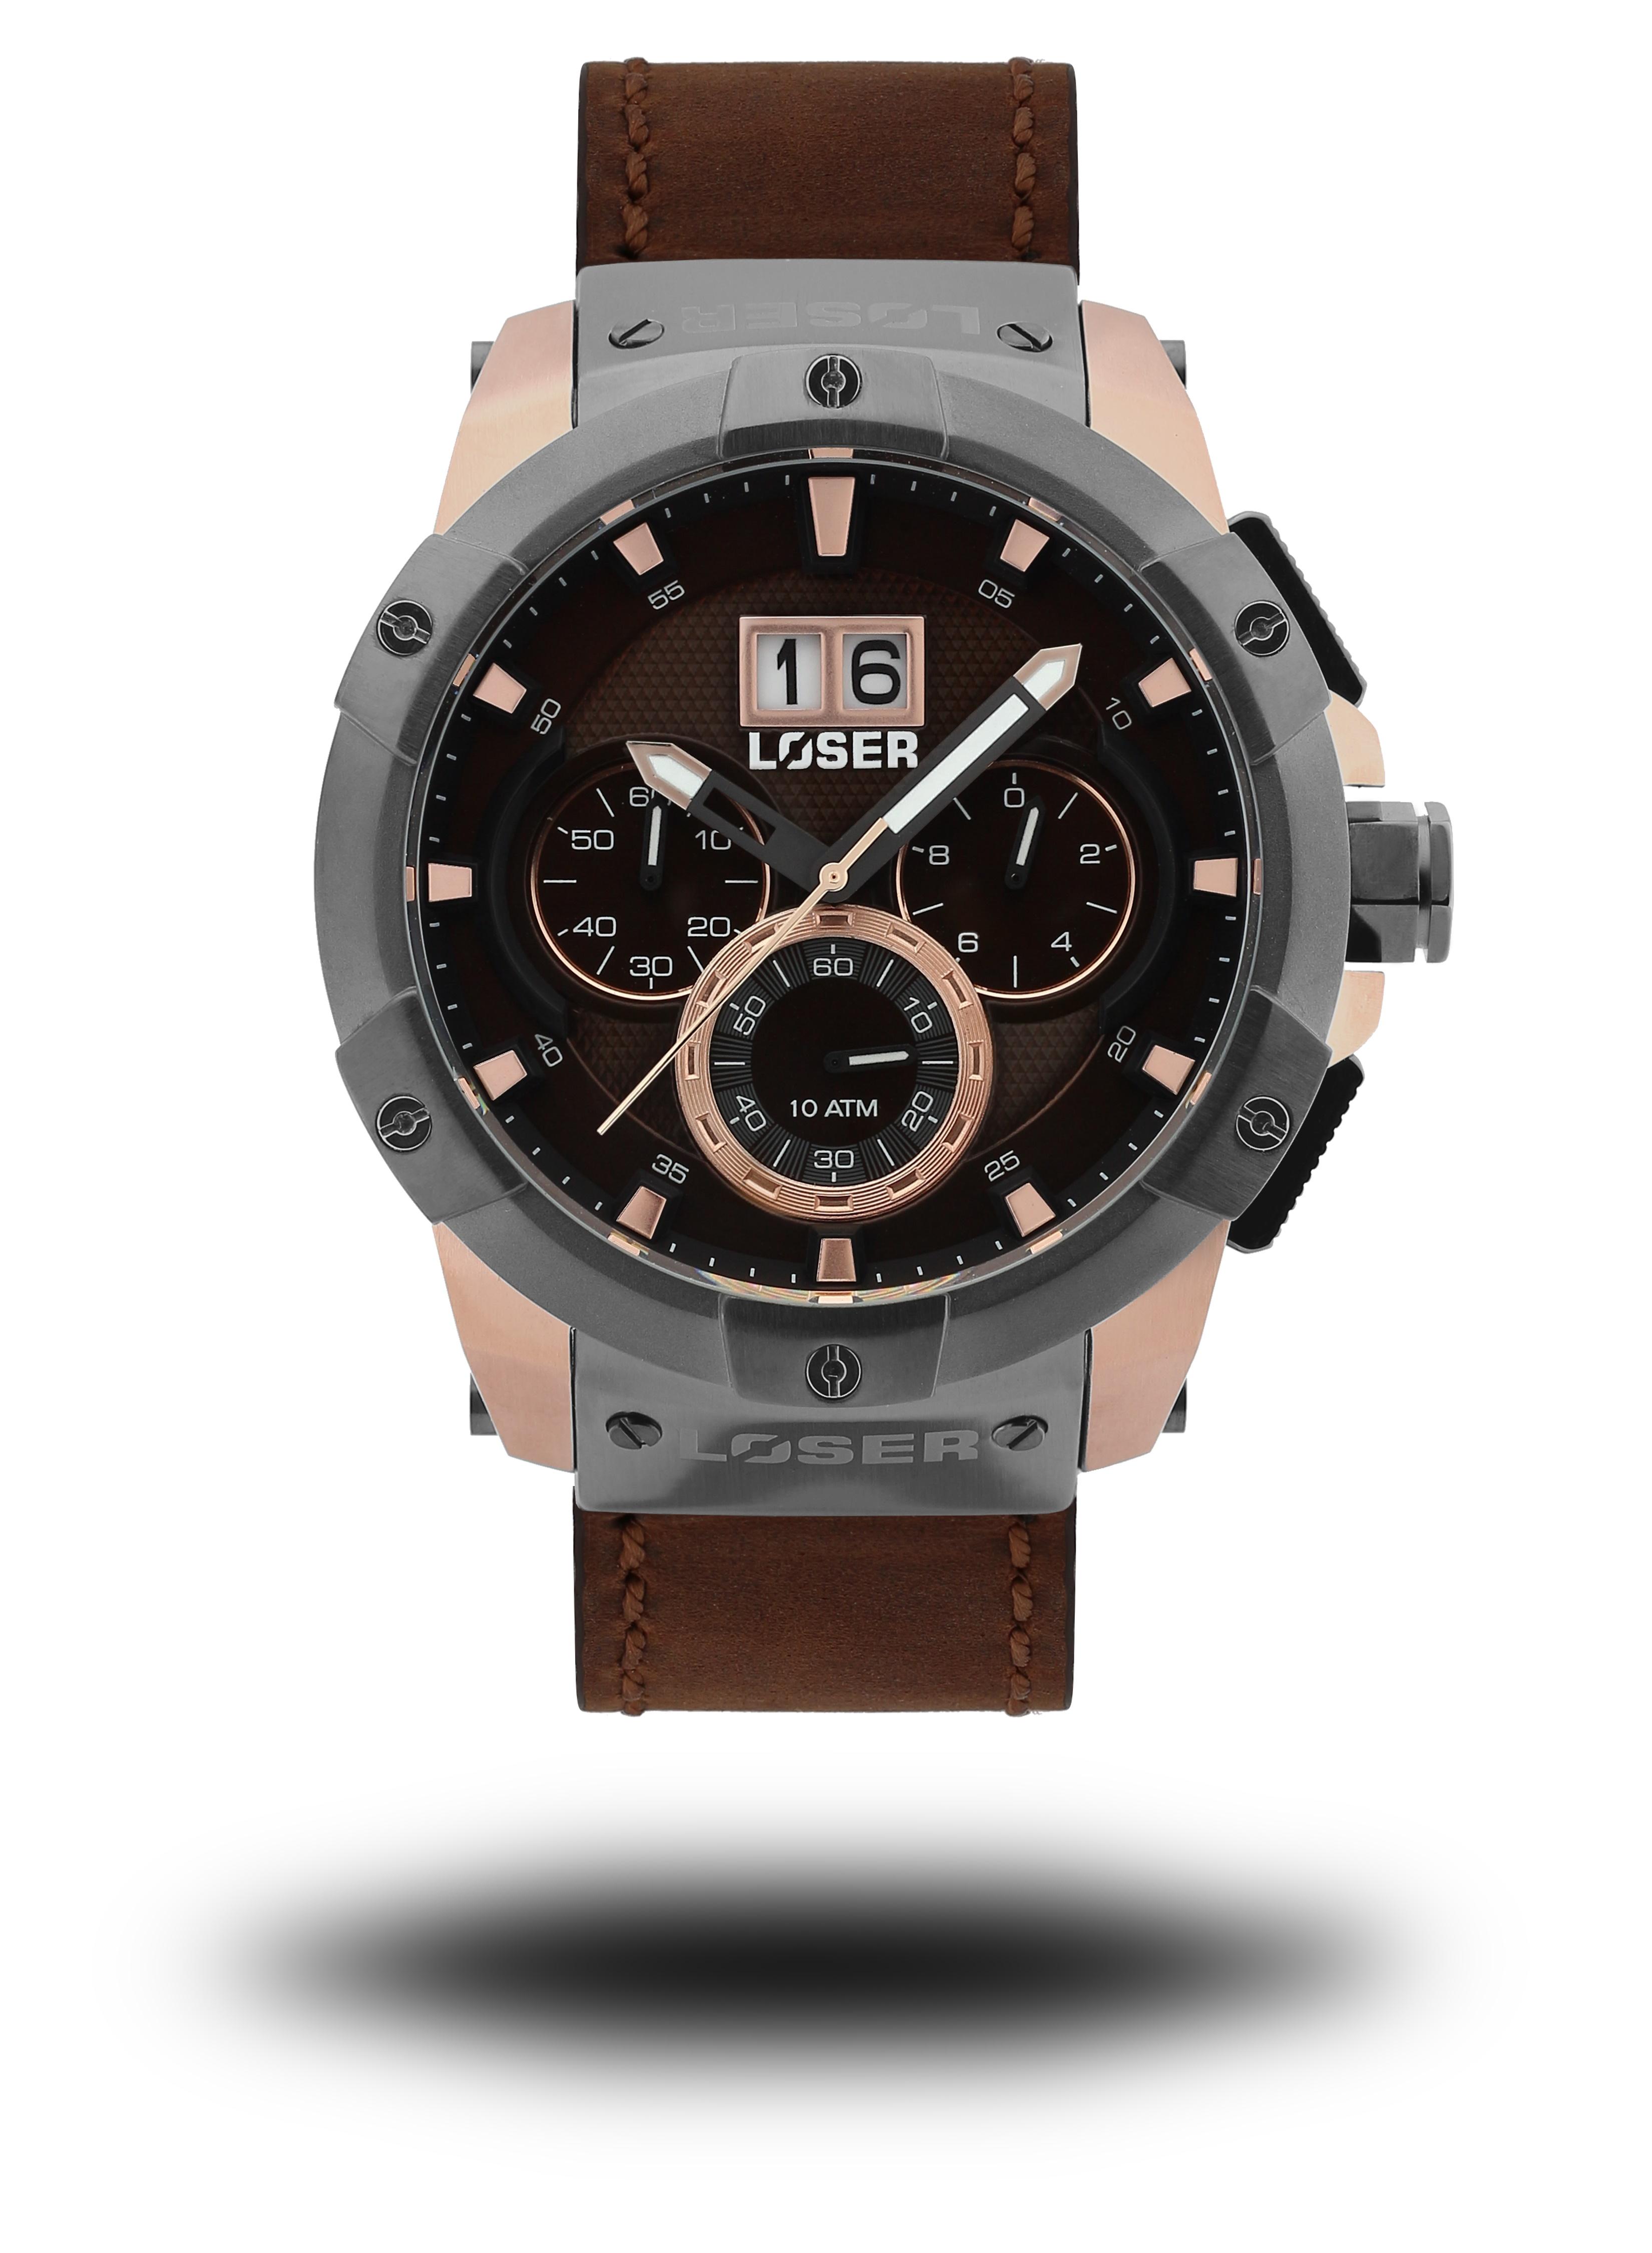 Luxusní nadčasové sportovní vodotěsné mohutné hodinky LOSER Vision NOBLE  BROWN 67b4b1bd60